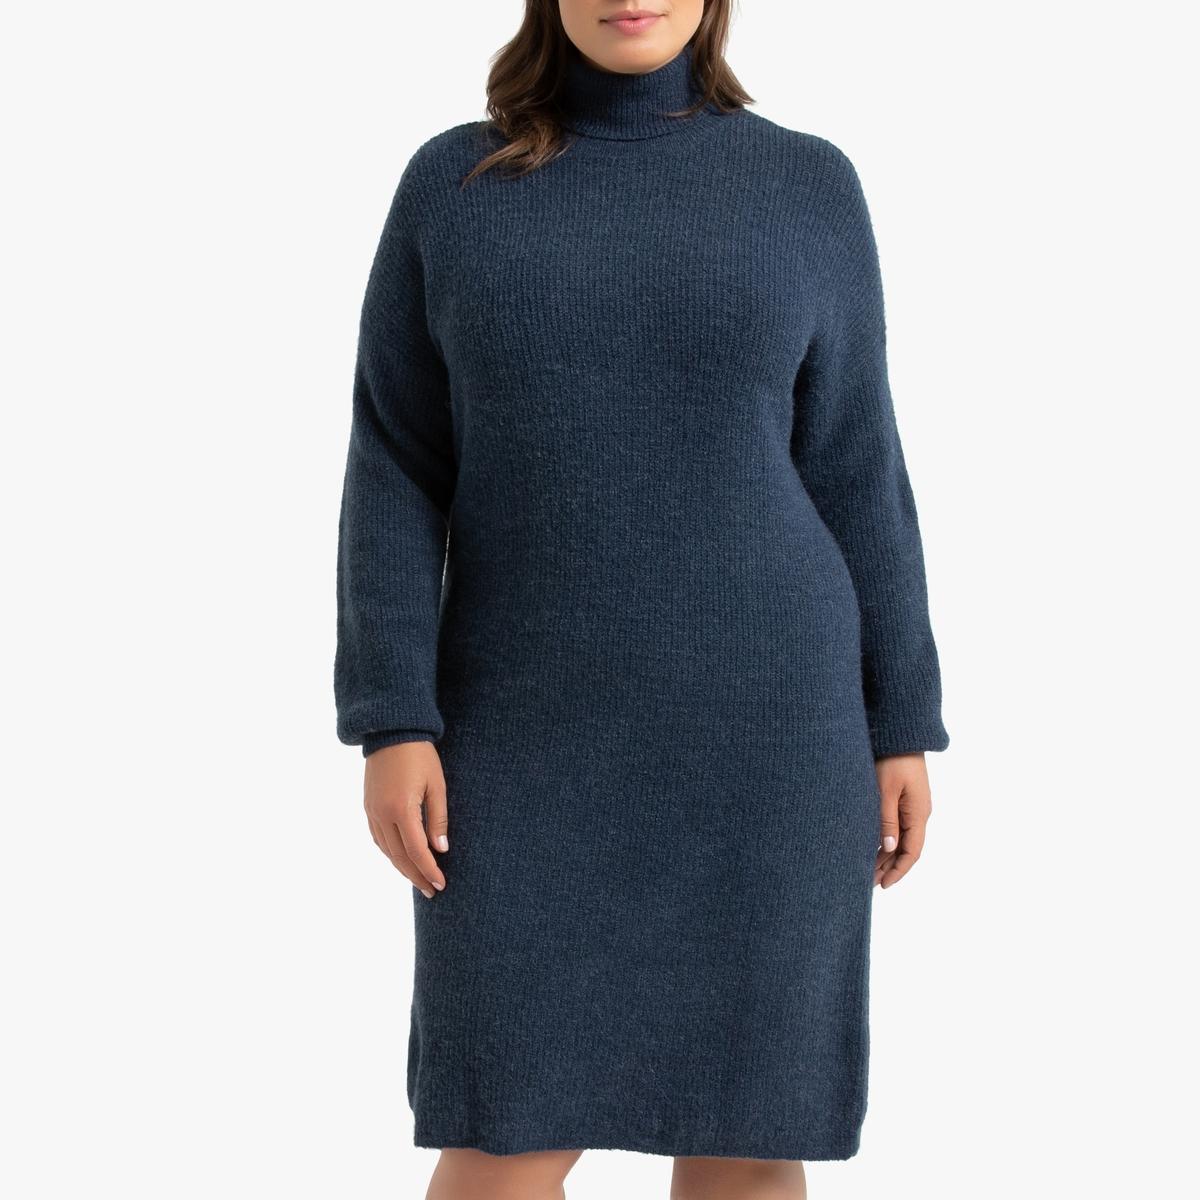 Платье-пуловер La Redoute С воротником 48 (FR) - 54 (RUS) синий